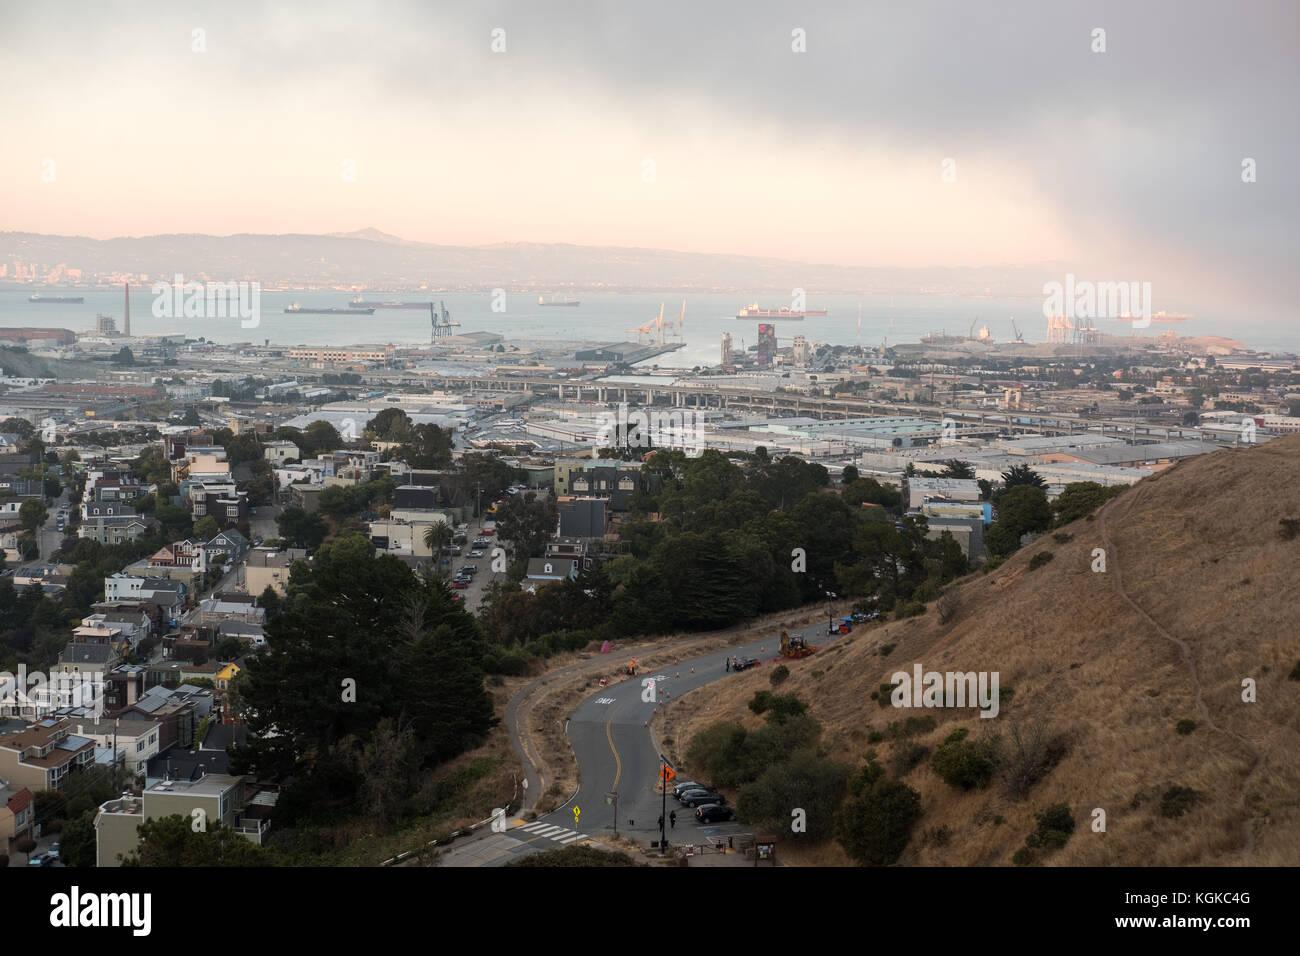 Nebel rollt über Downtown San Francisco von Bernal Heights gesehen. Stockbild